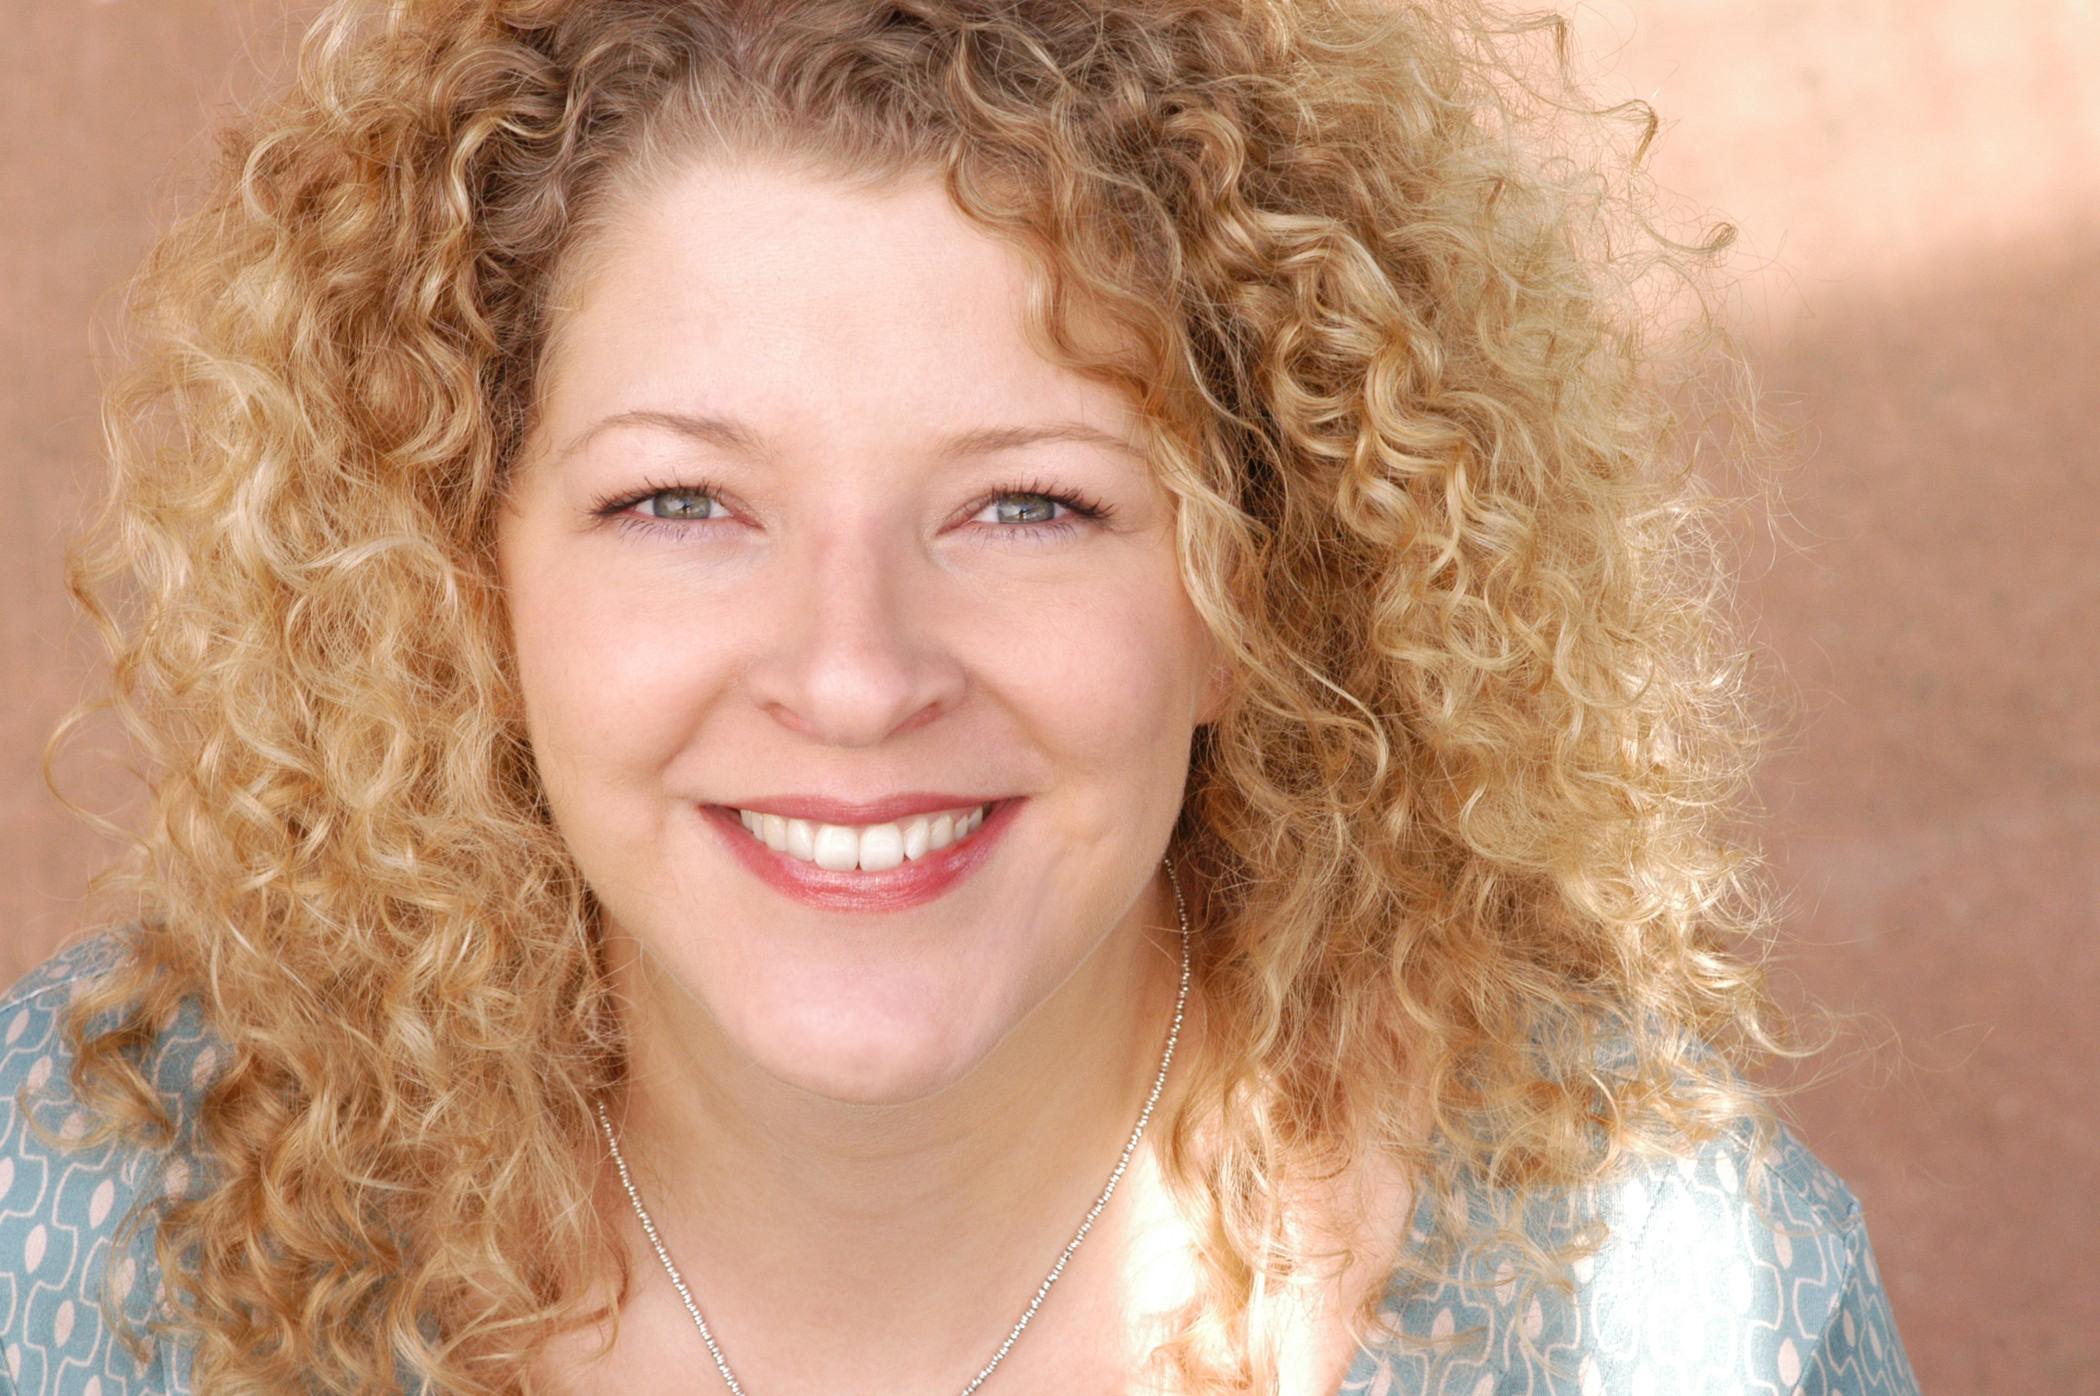 Rachel Caplan